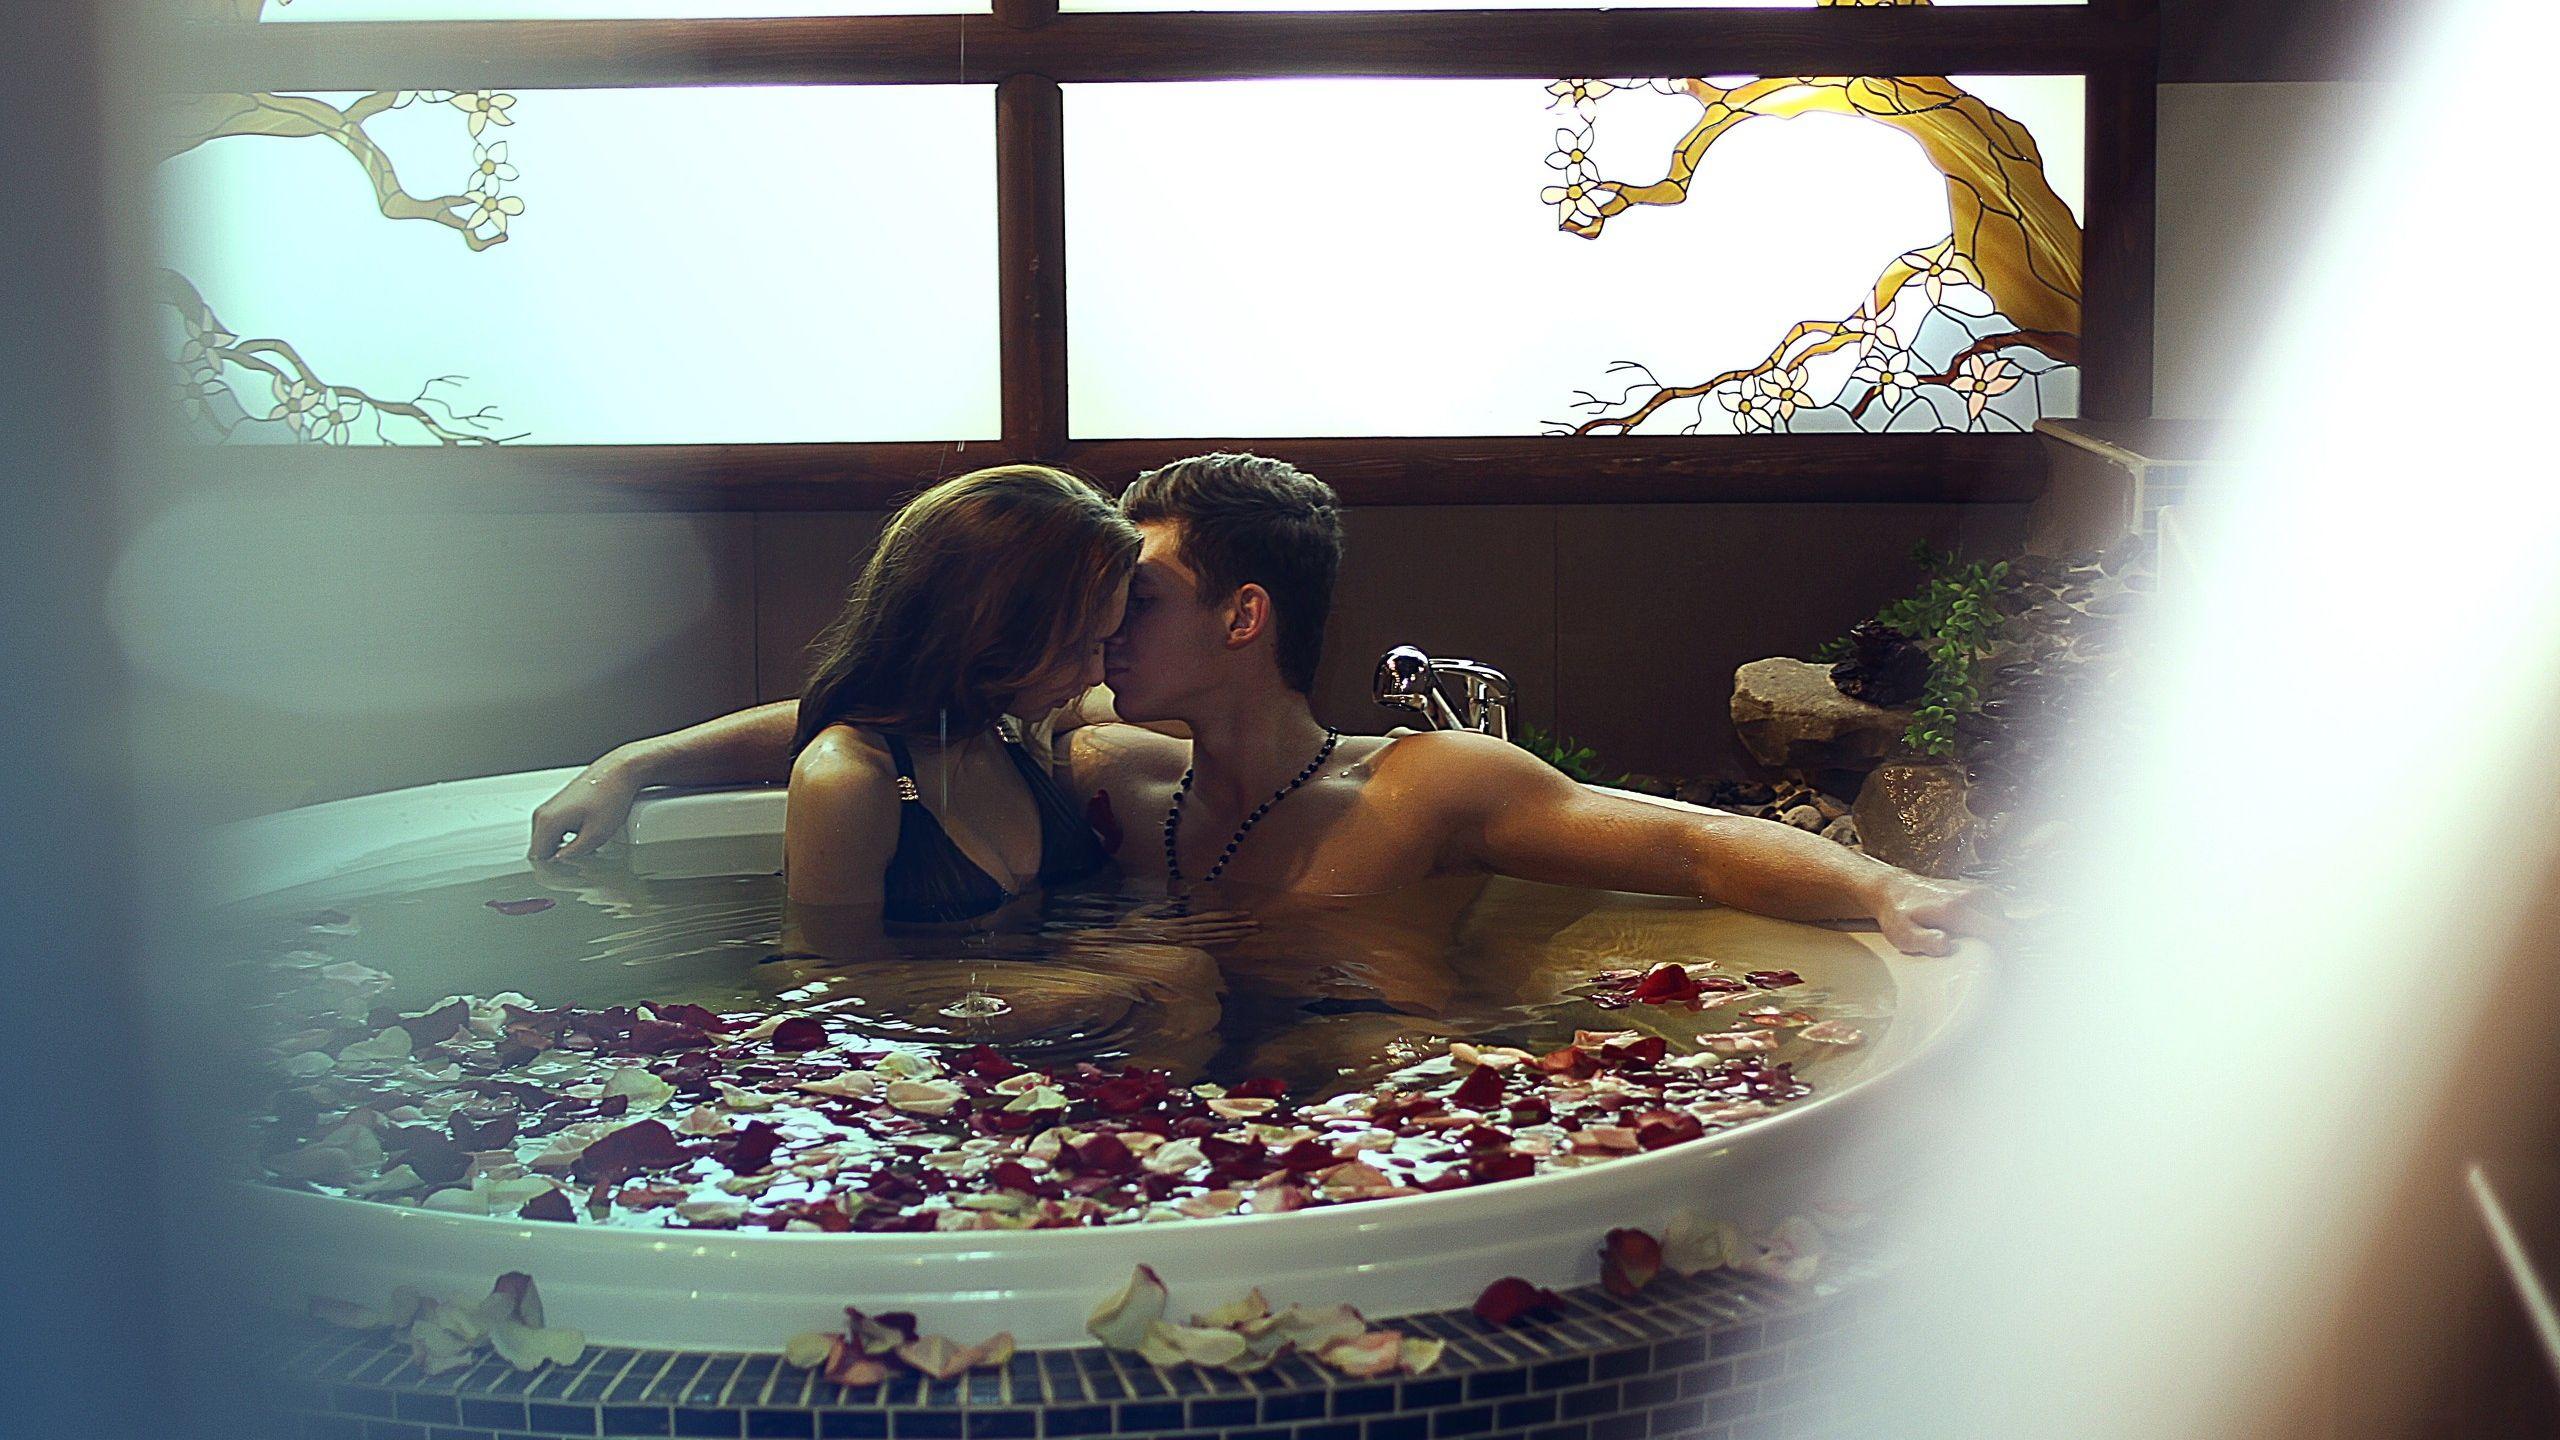 Download Wallpaper 2560x1440 Couple  Romance  Bathroom  Petals. Download Wallpaper 2560x1440 Couple  Romance  Bathroom  Petals